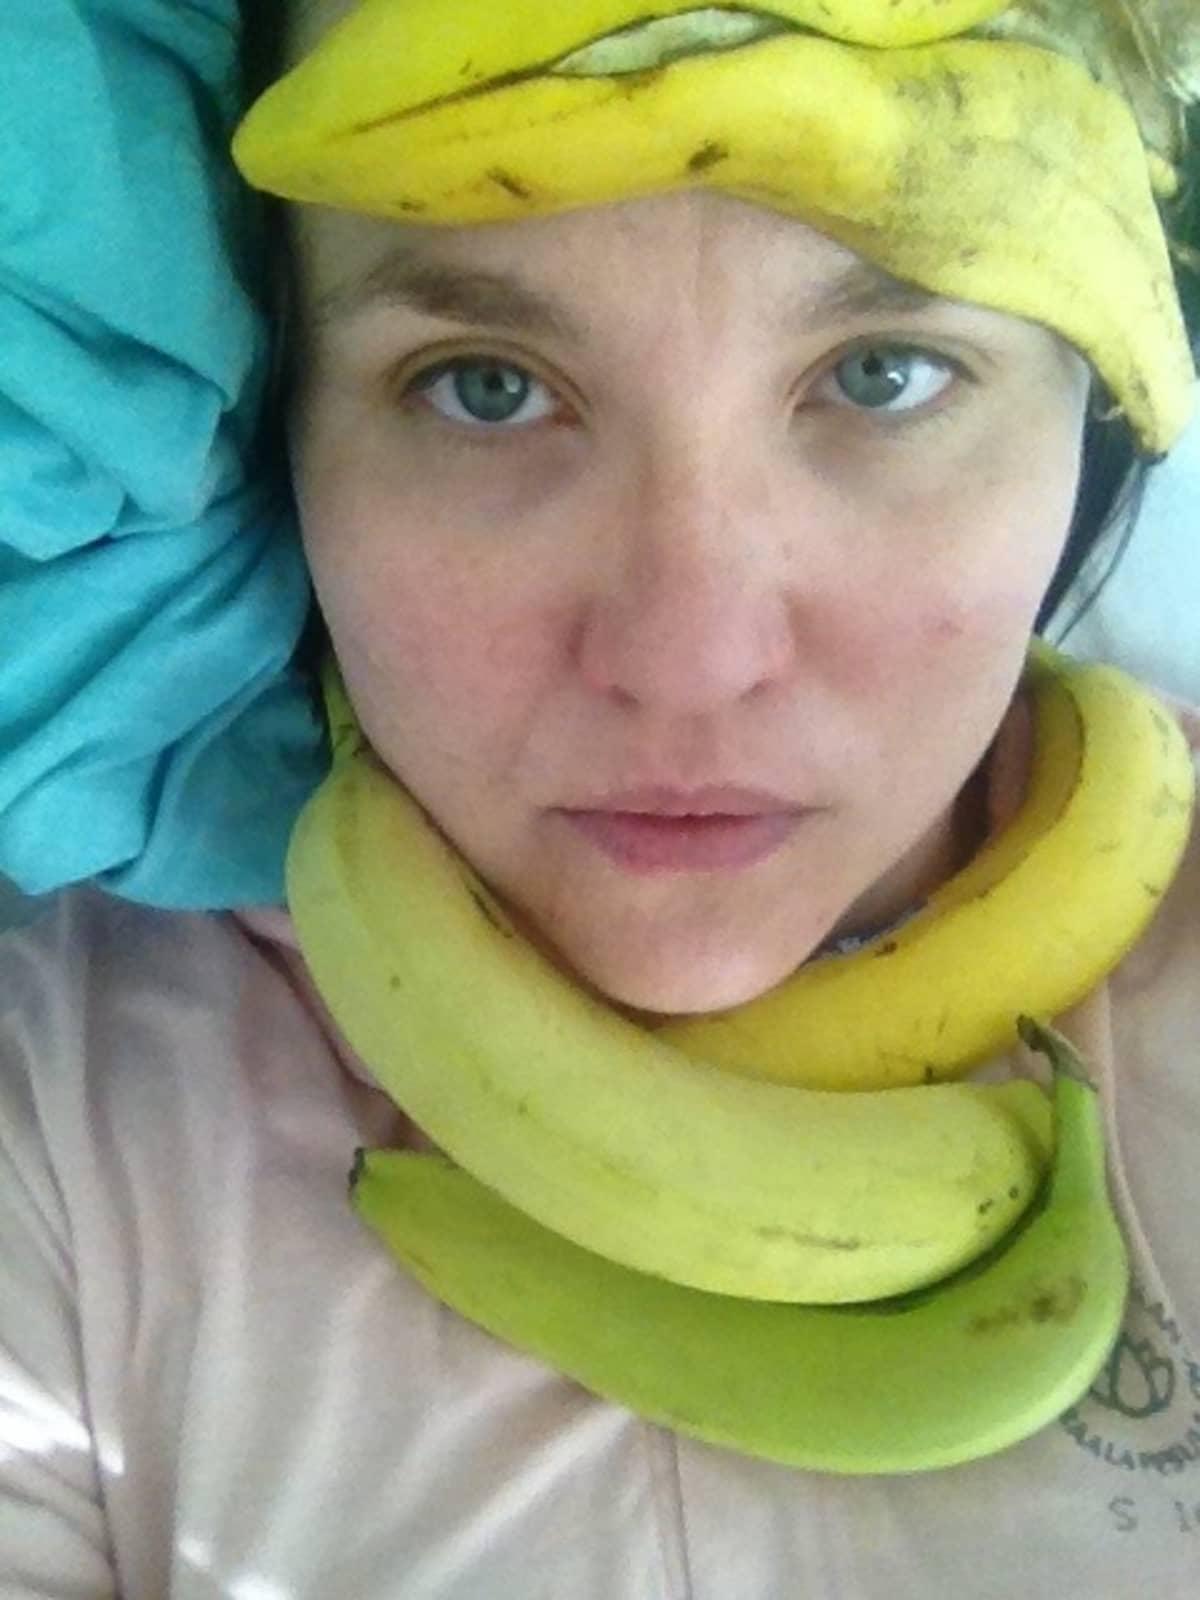 Maaria Oikarinen koristeli itsensä banaaneilla sairaalassa.